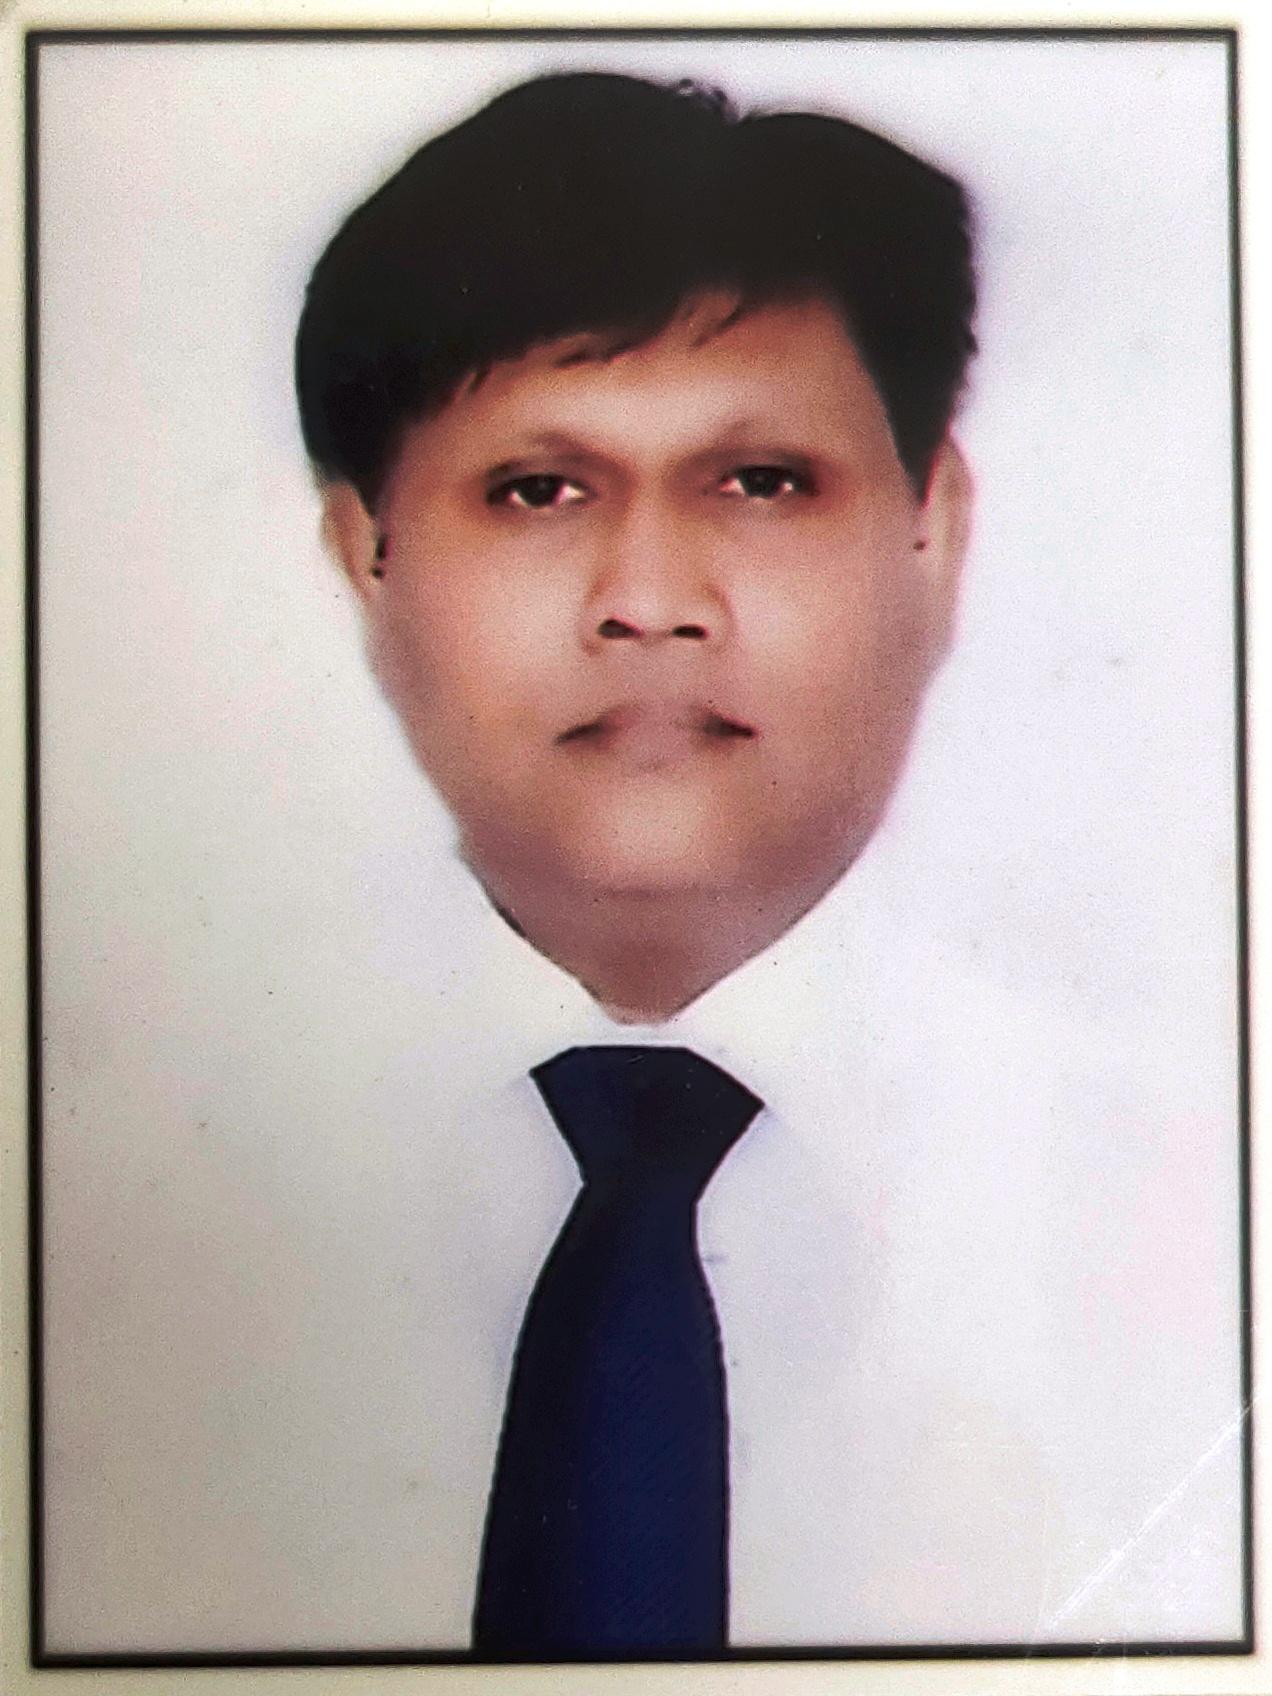 Shri Anand Jambhulkar